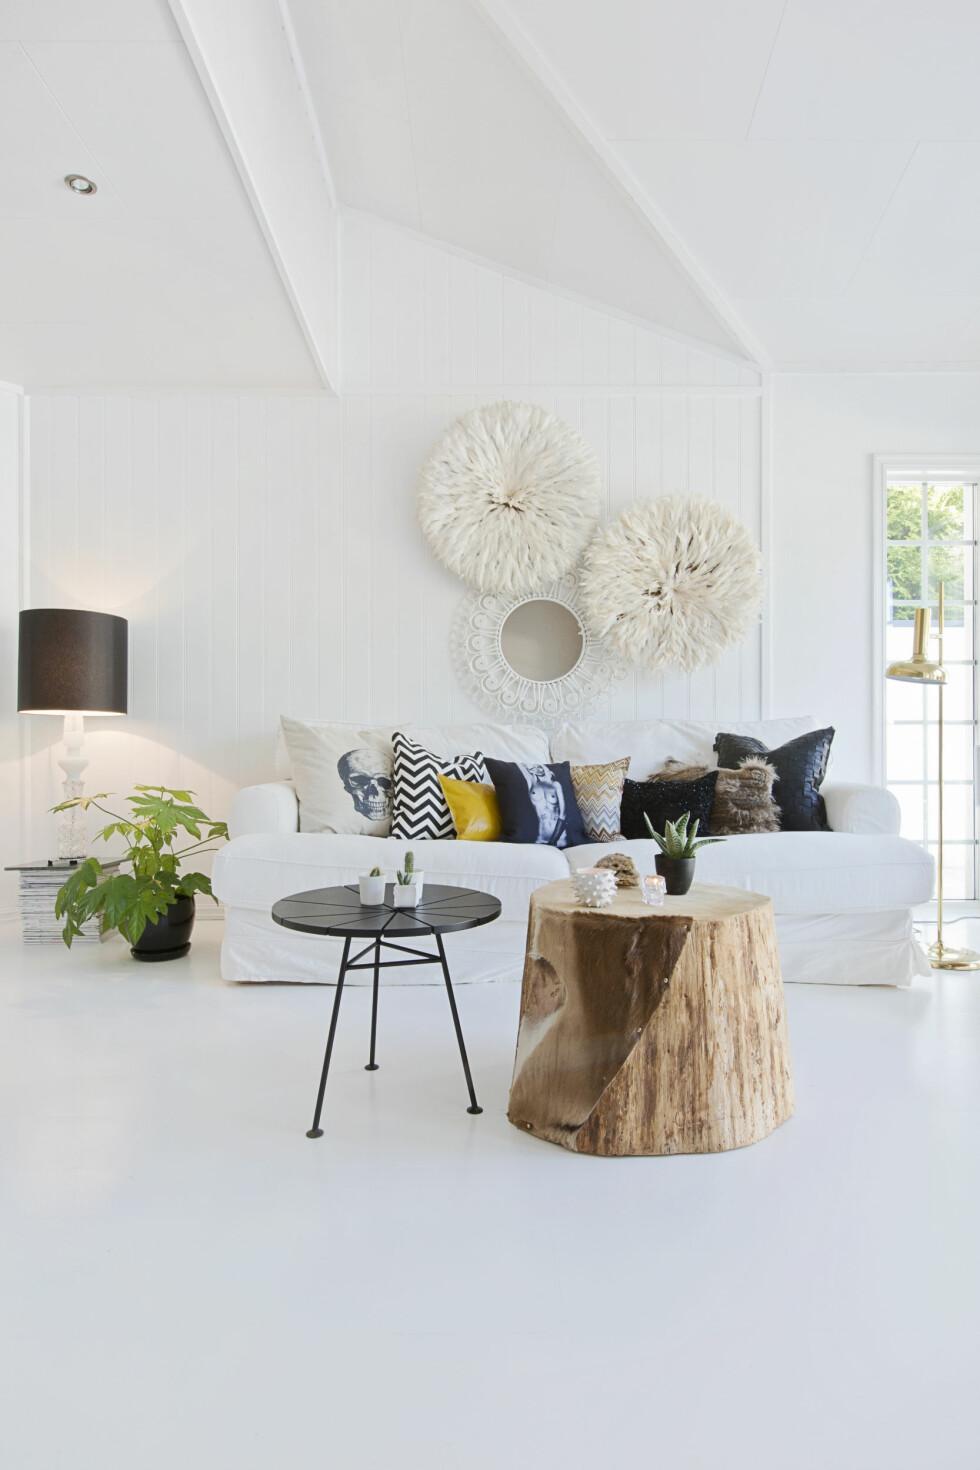 LYST OG LUFTIG: Den myke, hvite sofaen har fulgt paret lenge og er deilig å sitte i. Putene skaper kontraster og spenning med ulike materialer og trykk. Stuebordet har Linn laget selv, og juju-hattene er fra Linns tid med import fra Sør-Afrika. Lampen med svart skjerm er fra Design by us (kr 7900, zanz.no). Foto: Jorunn Tharaldsen